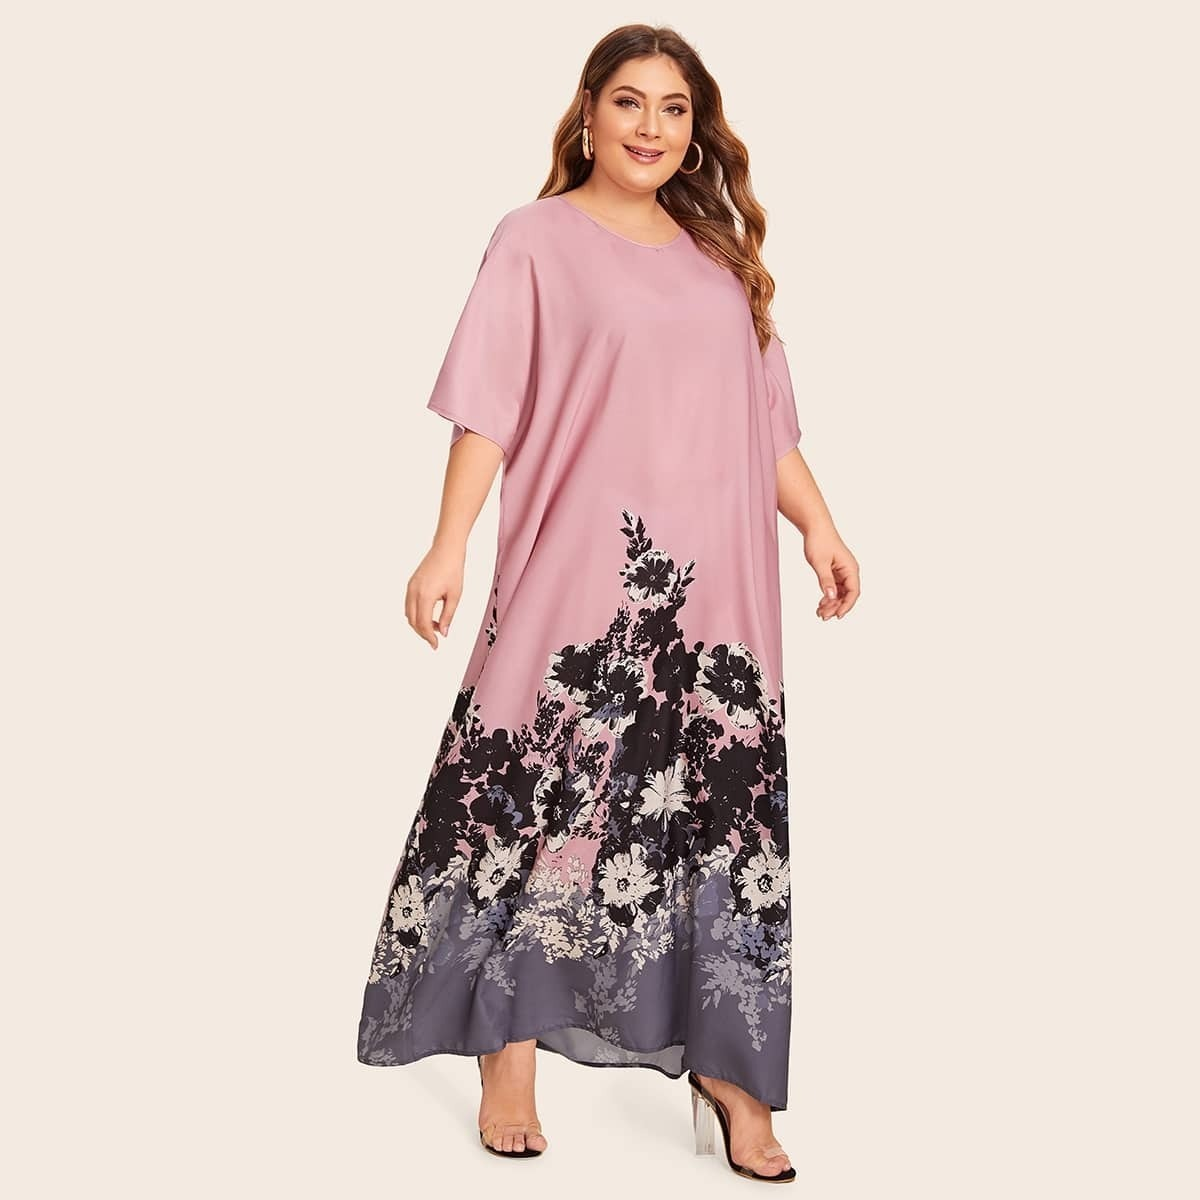 Цветочное платье размера плюс с оригинальными рукавами